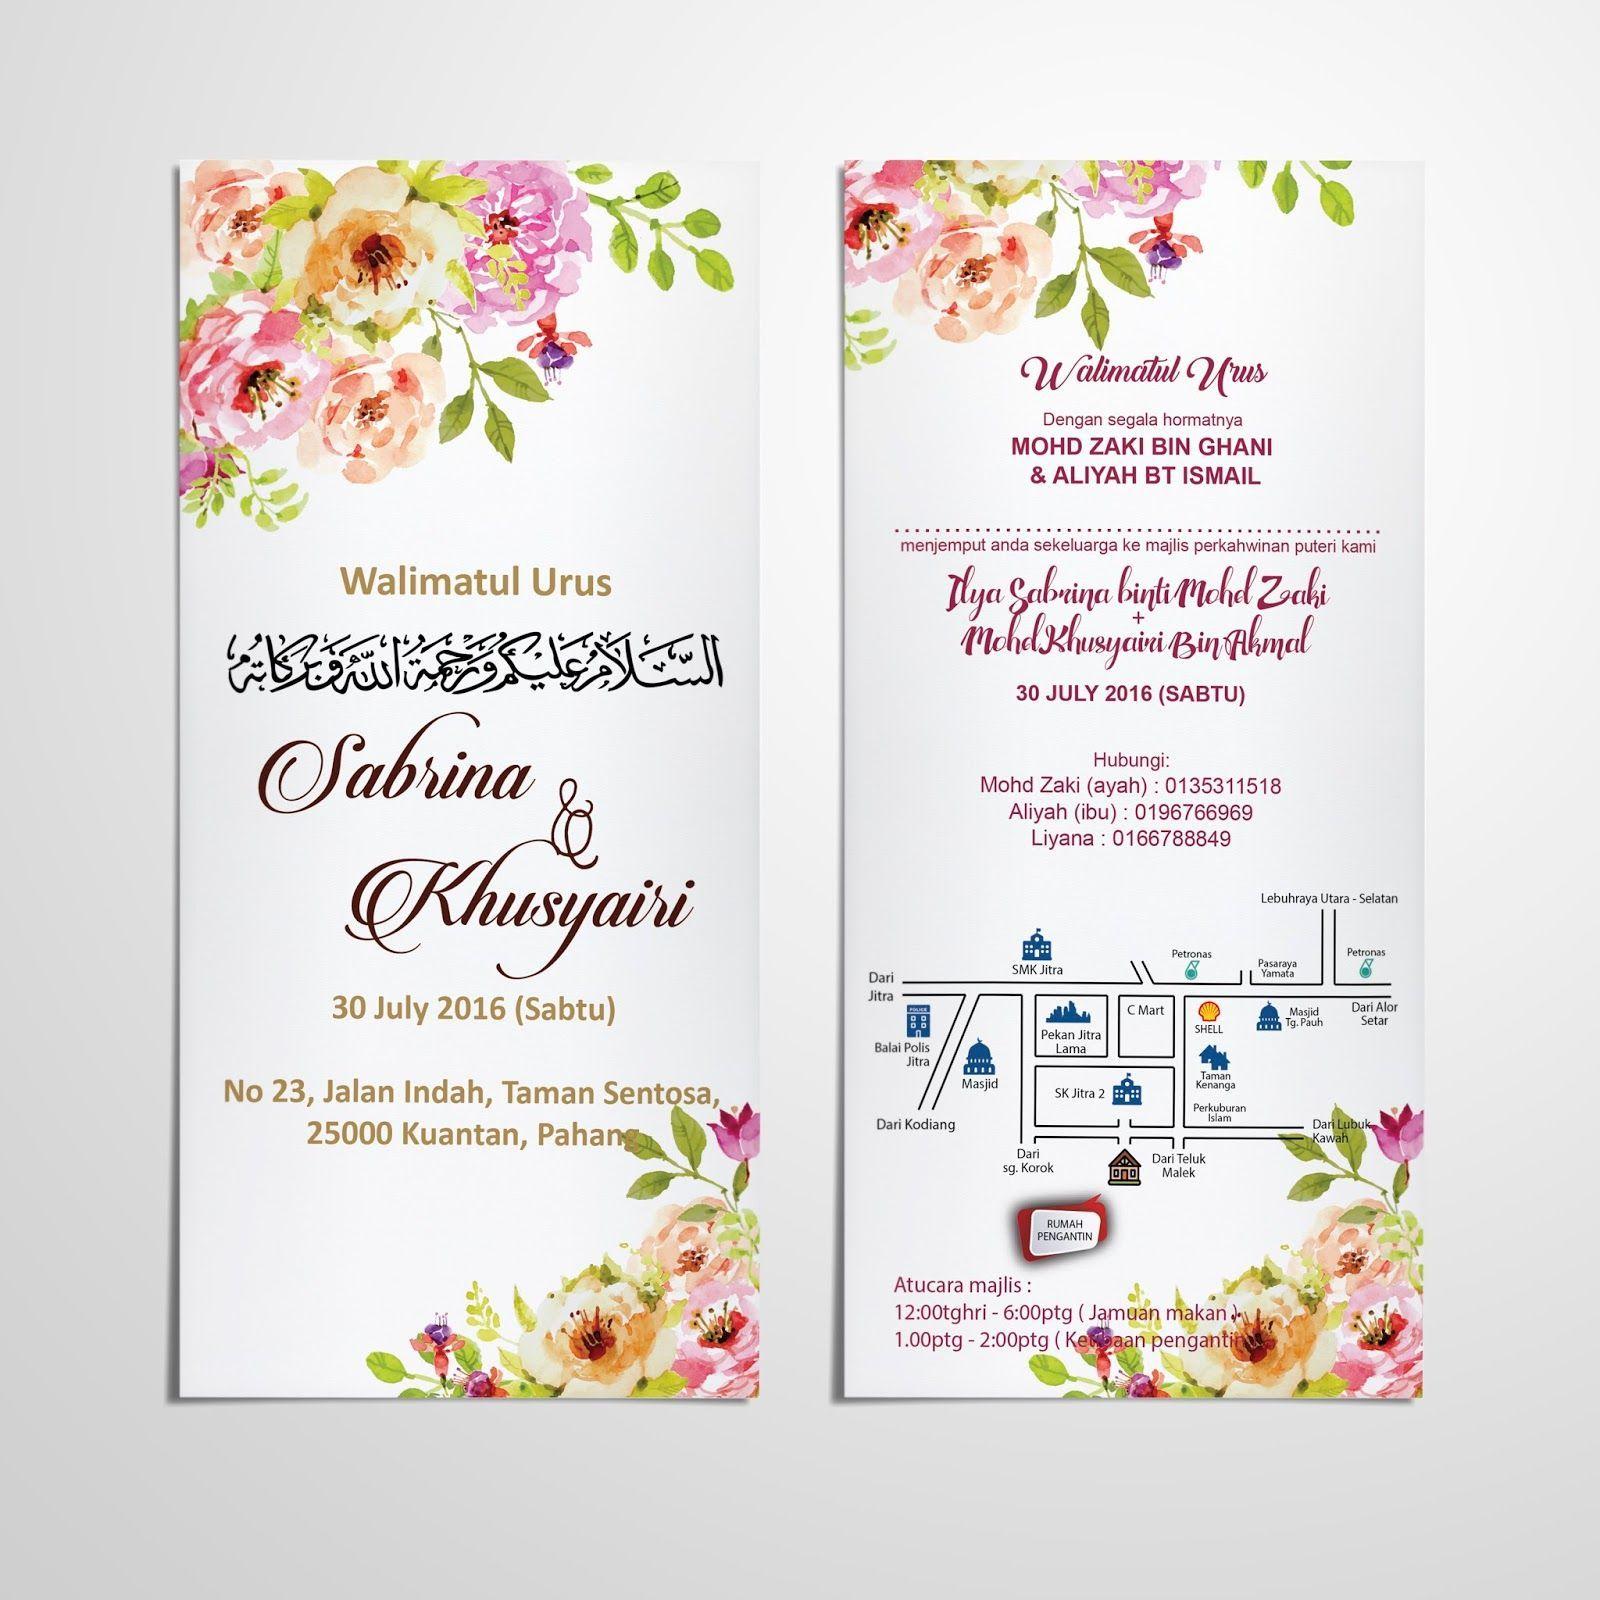 Template Kad Kahwin Gratis Berbagai Bekalan Rumah